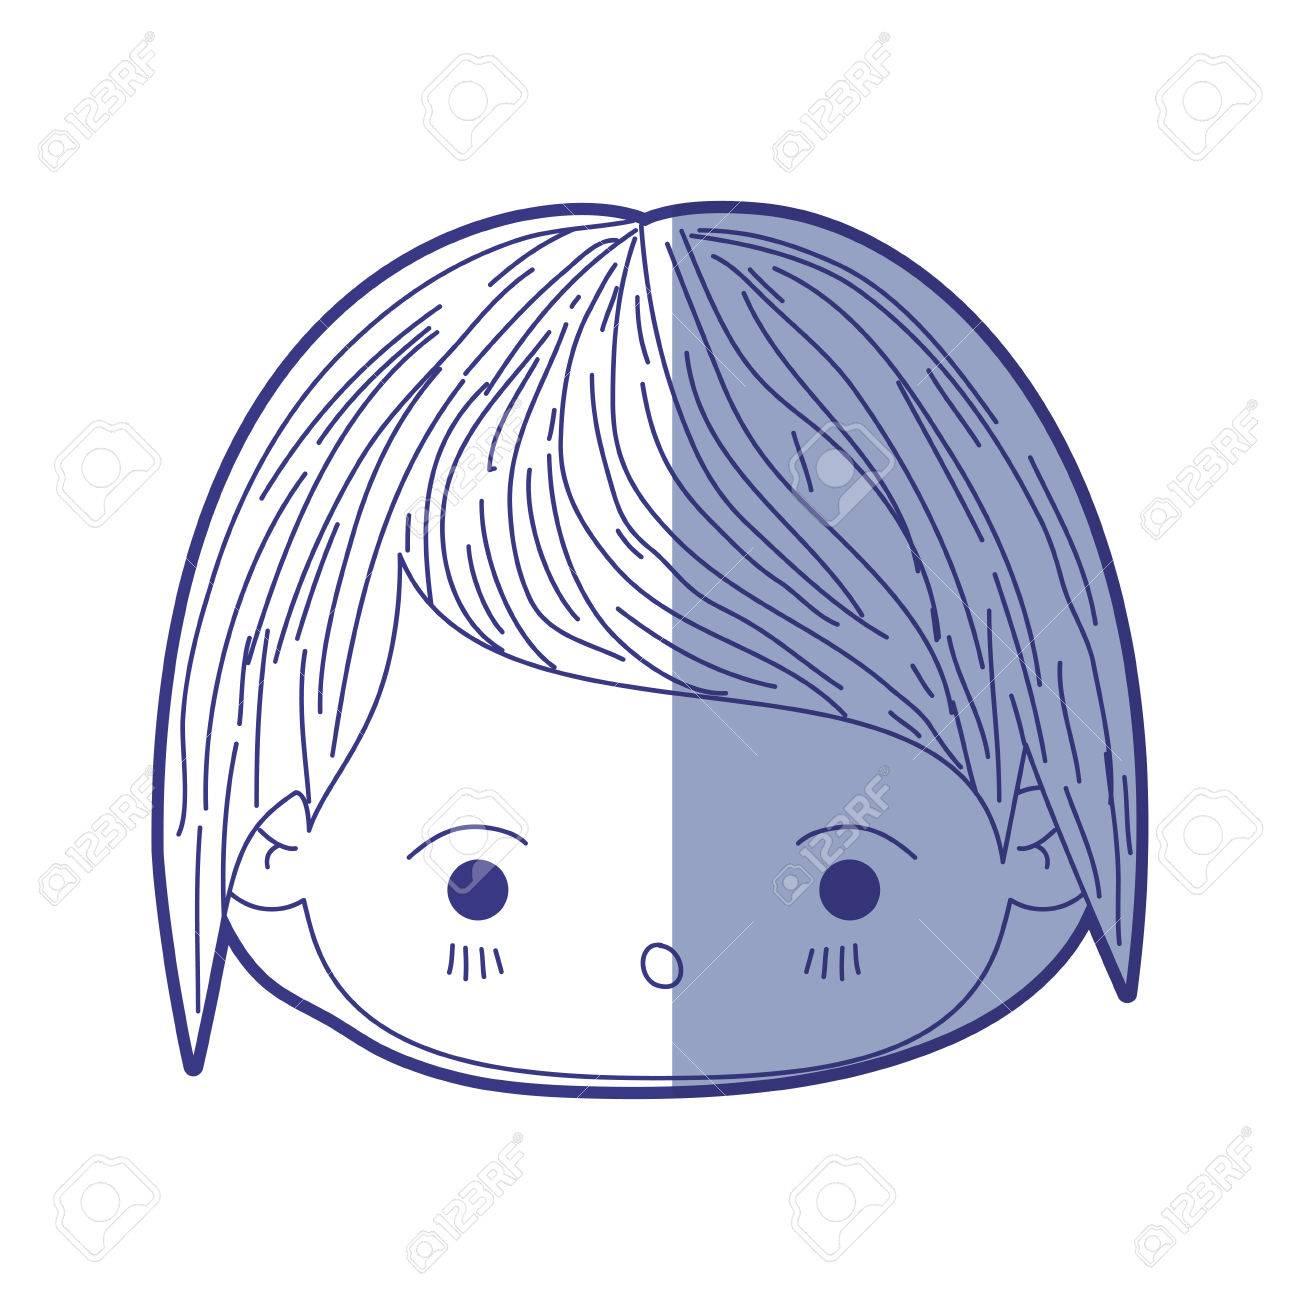 青の網かけ驚きベクトル イラストの表情と小さな男の子のかわいい頭の